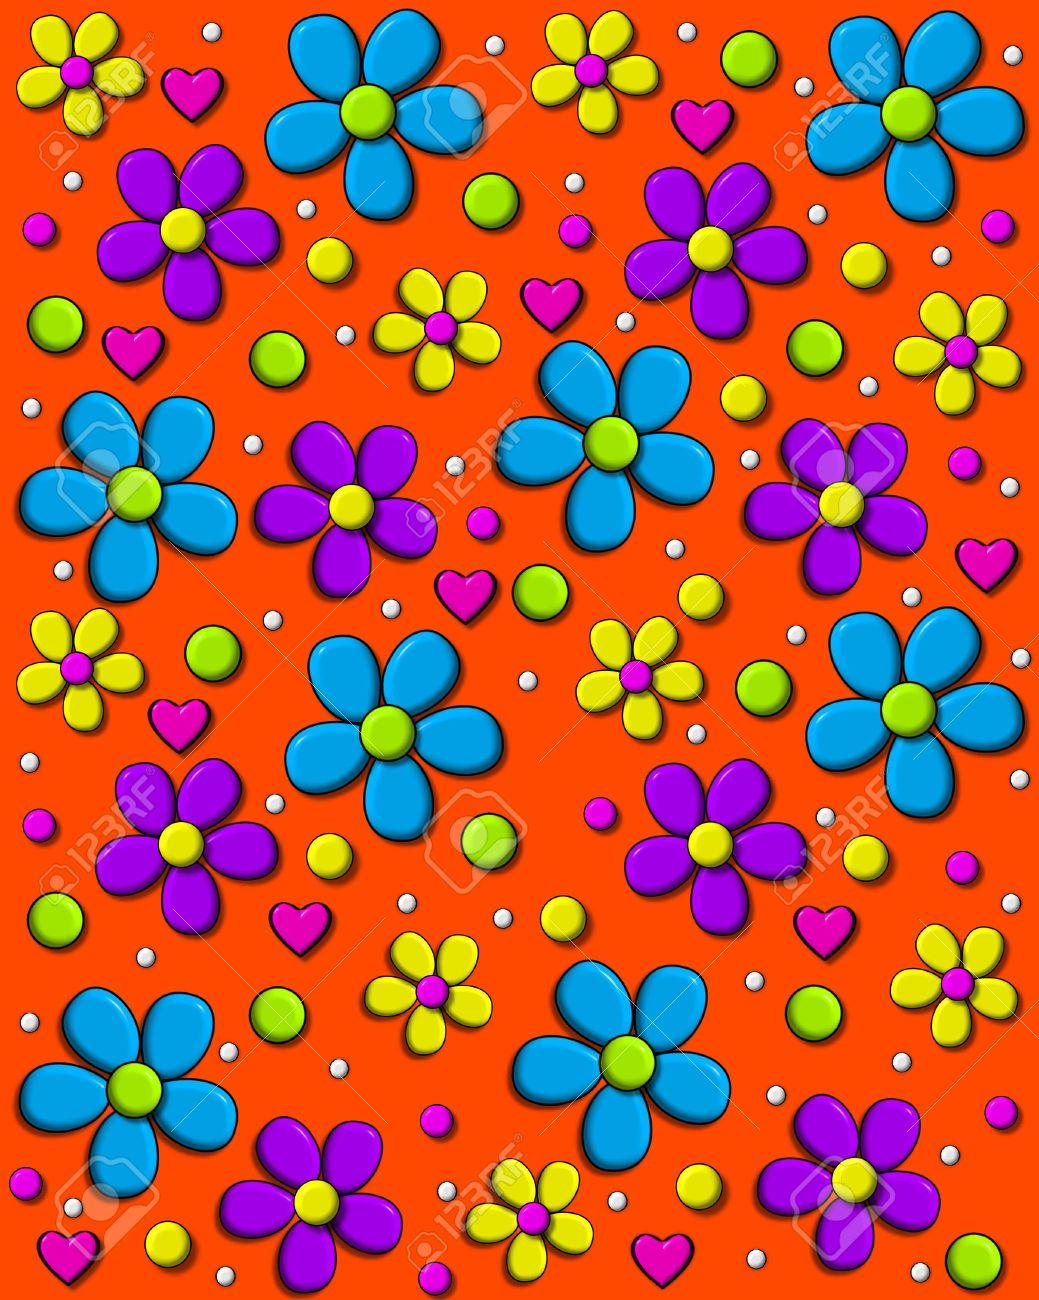 Anni 70 Colori immagine di sfondo è di colore arancione brillante e coperti di margherite  stile anni '70 in acqua, viola e giallo. pois e cuori riempire tra i fiori.